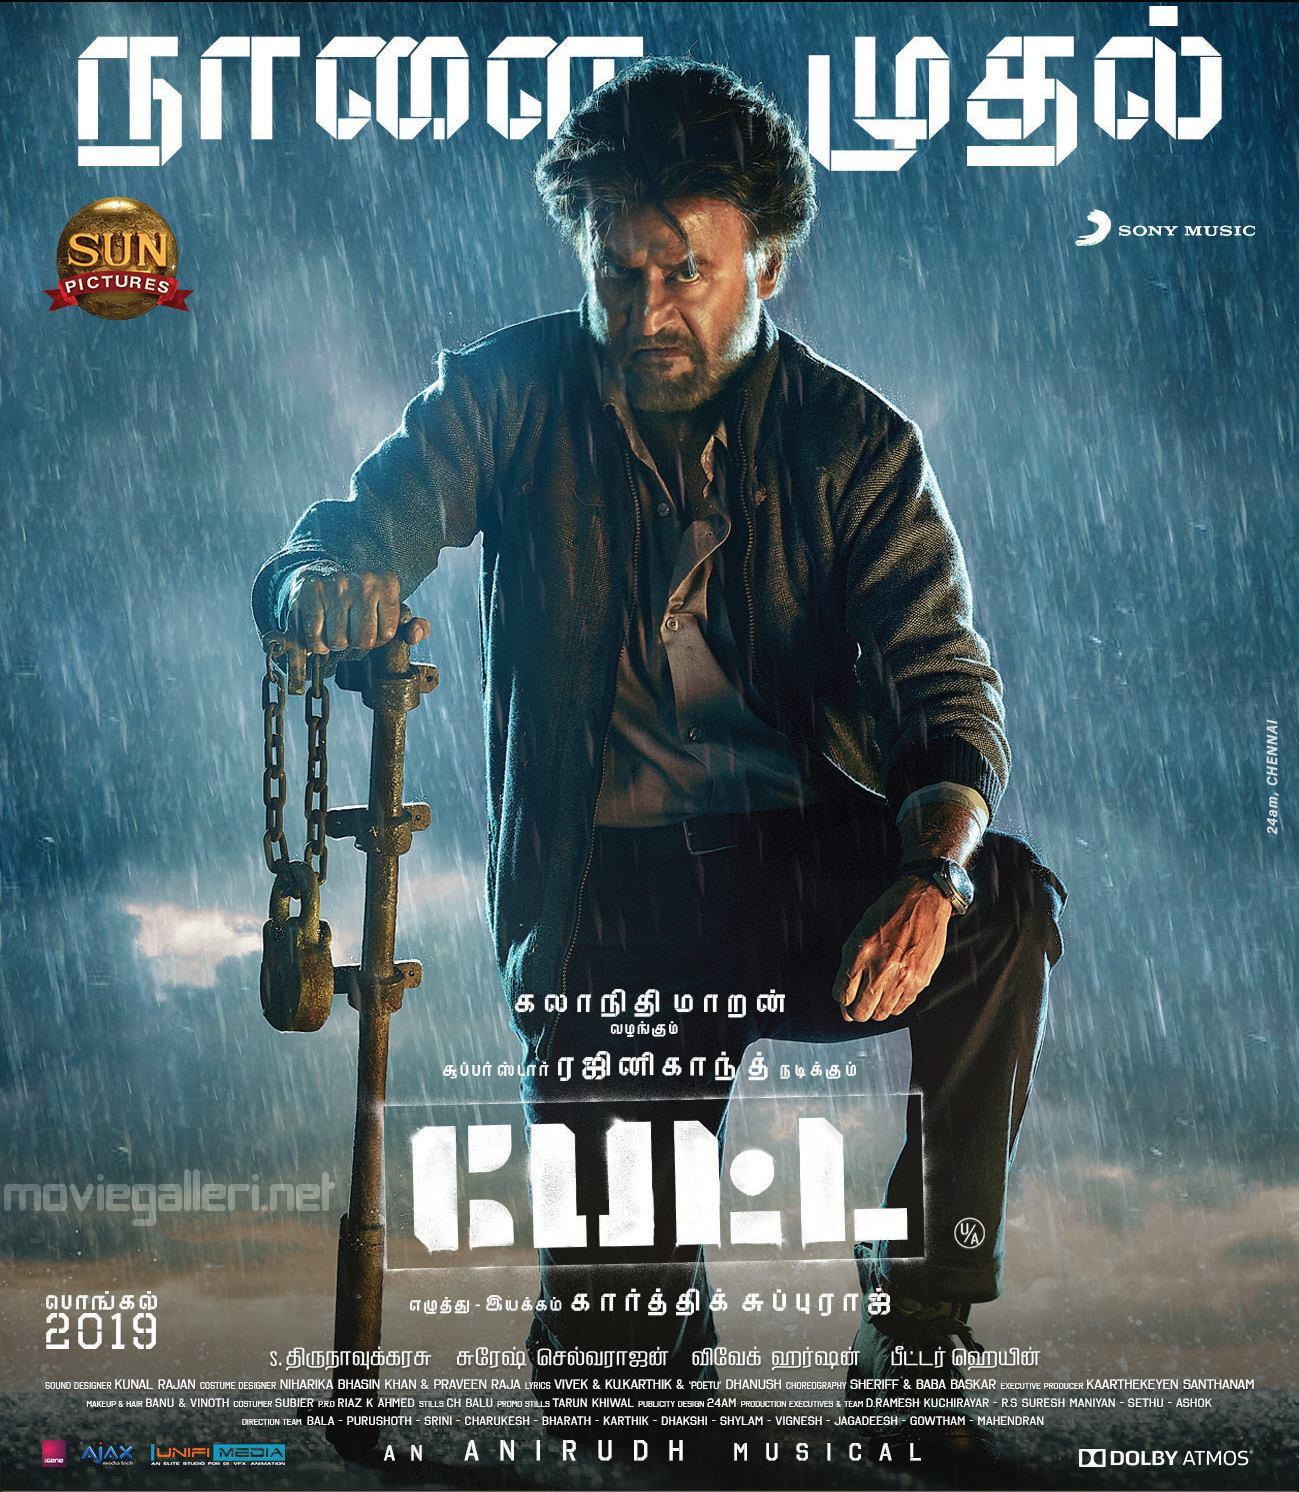 Rajinikanth Petta Movie from Tomorrow Poster HD